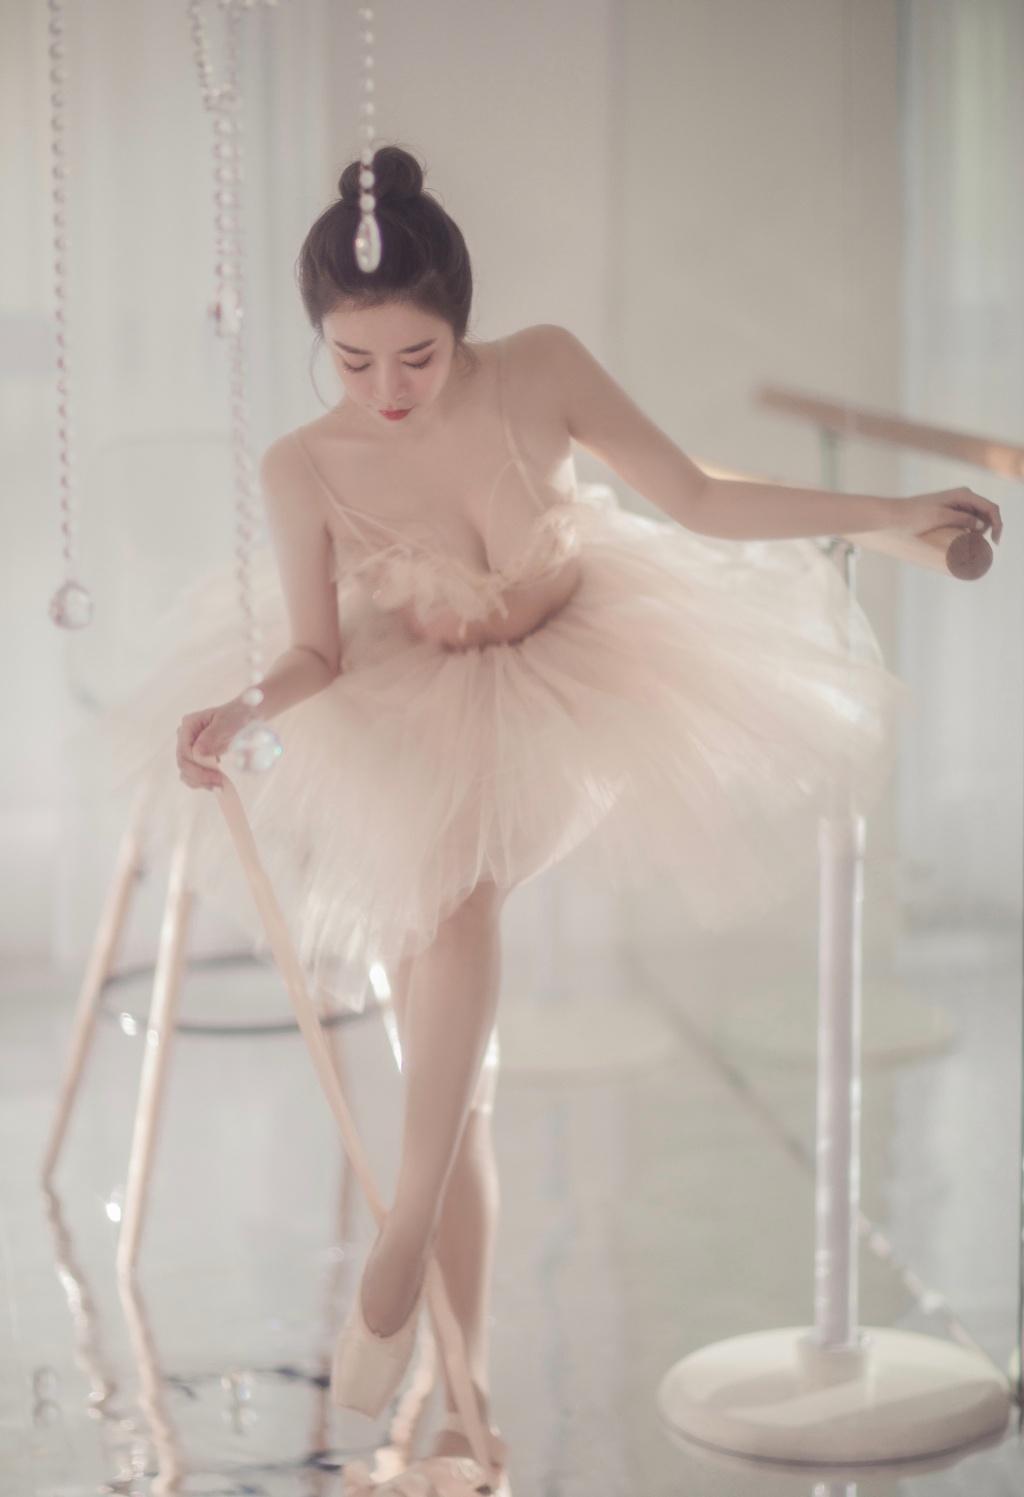 芭蕾小仙女,这就是你们越来越喜欢跳舞的女孩子的原因吗? 涨姿势 第2张